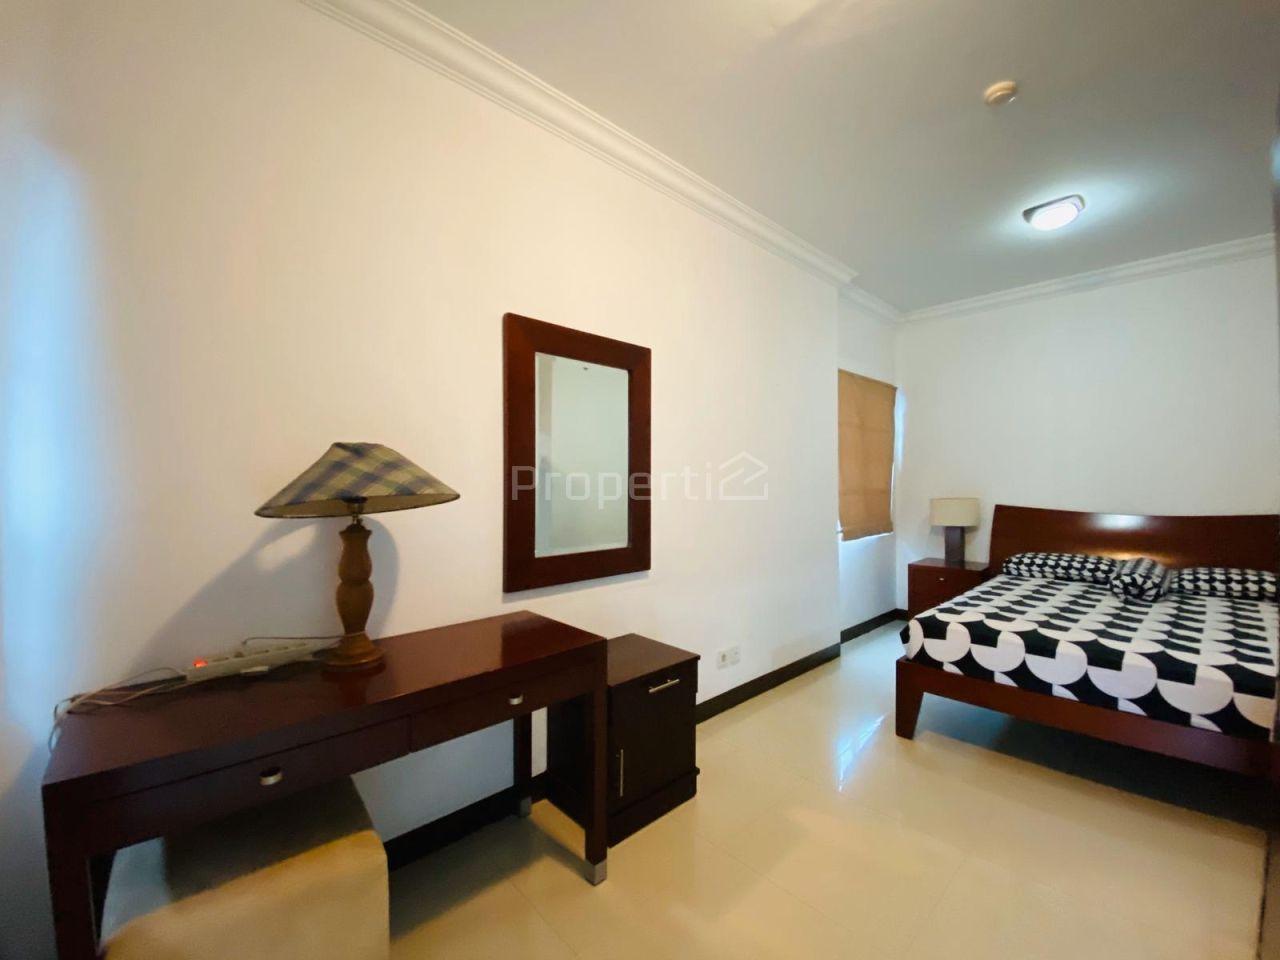 Unit 4BR di Galeri Ciumbuleuit 1, Lantai 8, Kota Bandung